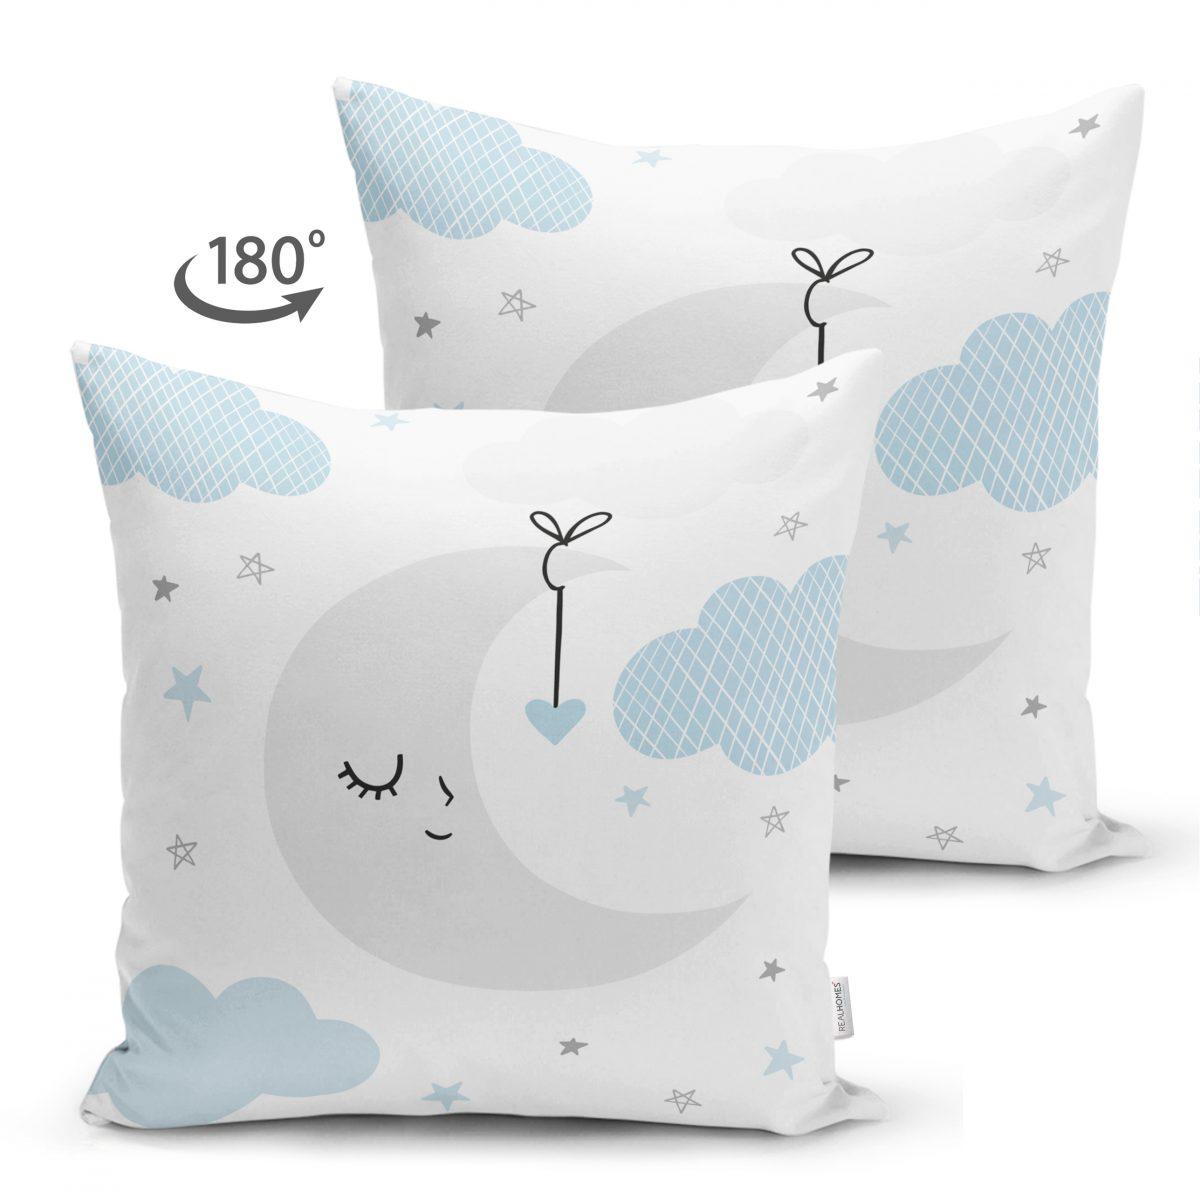 Çift Taraflı Mavi Bulut ve Gri Ay Tasarımlı Bebek Odası Süet Yastık Kırlent Kılıfı Realhomes